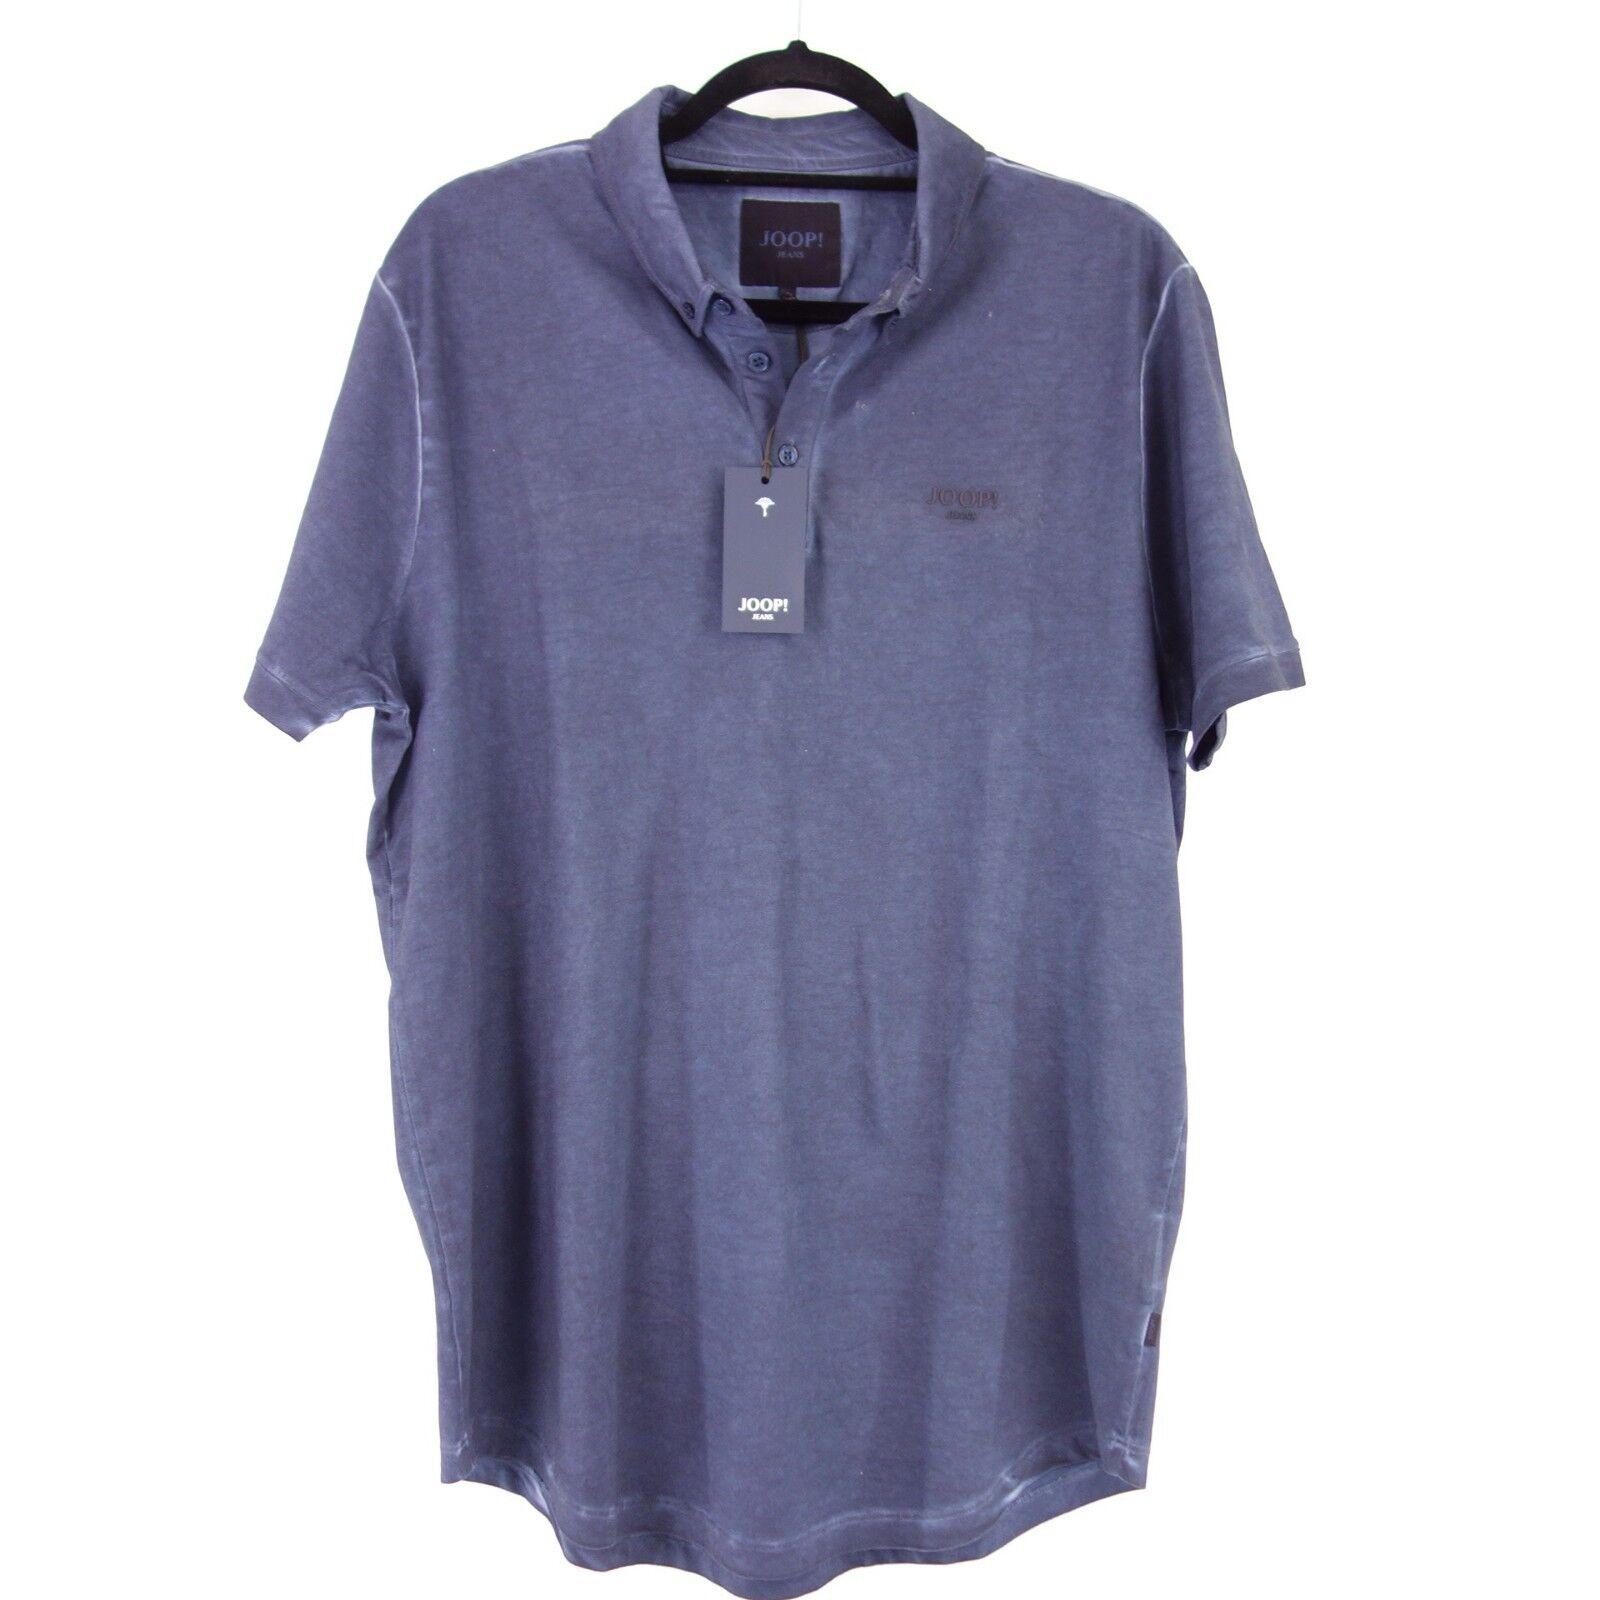 JOOP  Herren Poloshirt Shirt ADONIS Gr XL Blau Baumwolle Elasthan NP 89 NEU  | Won hoch geschätzt und weithin vertraut im in- und Ausland vertraut